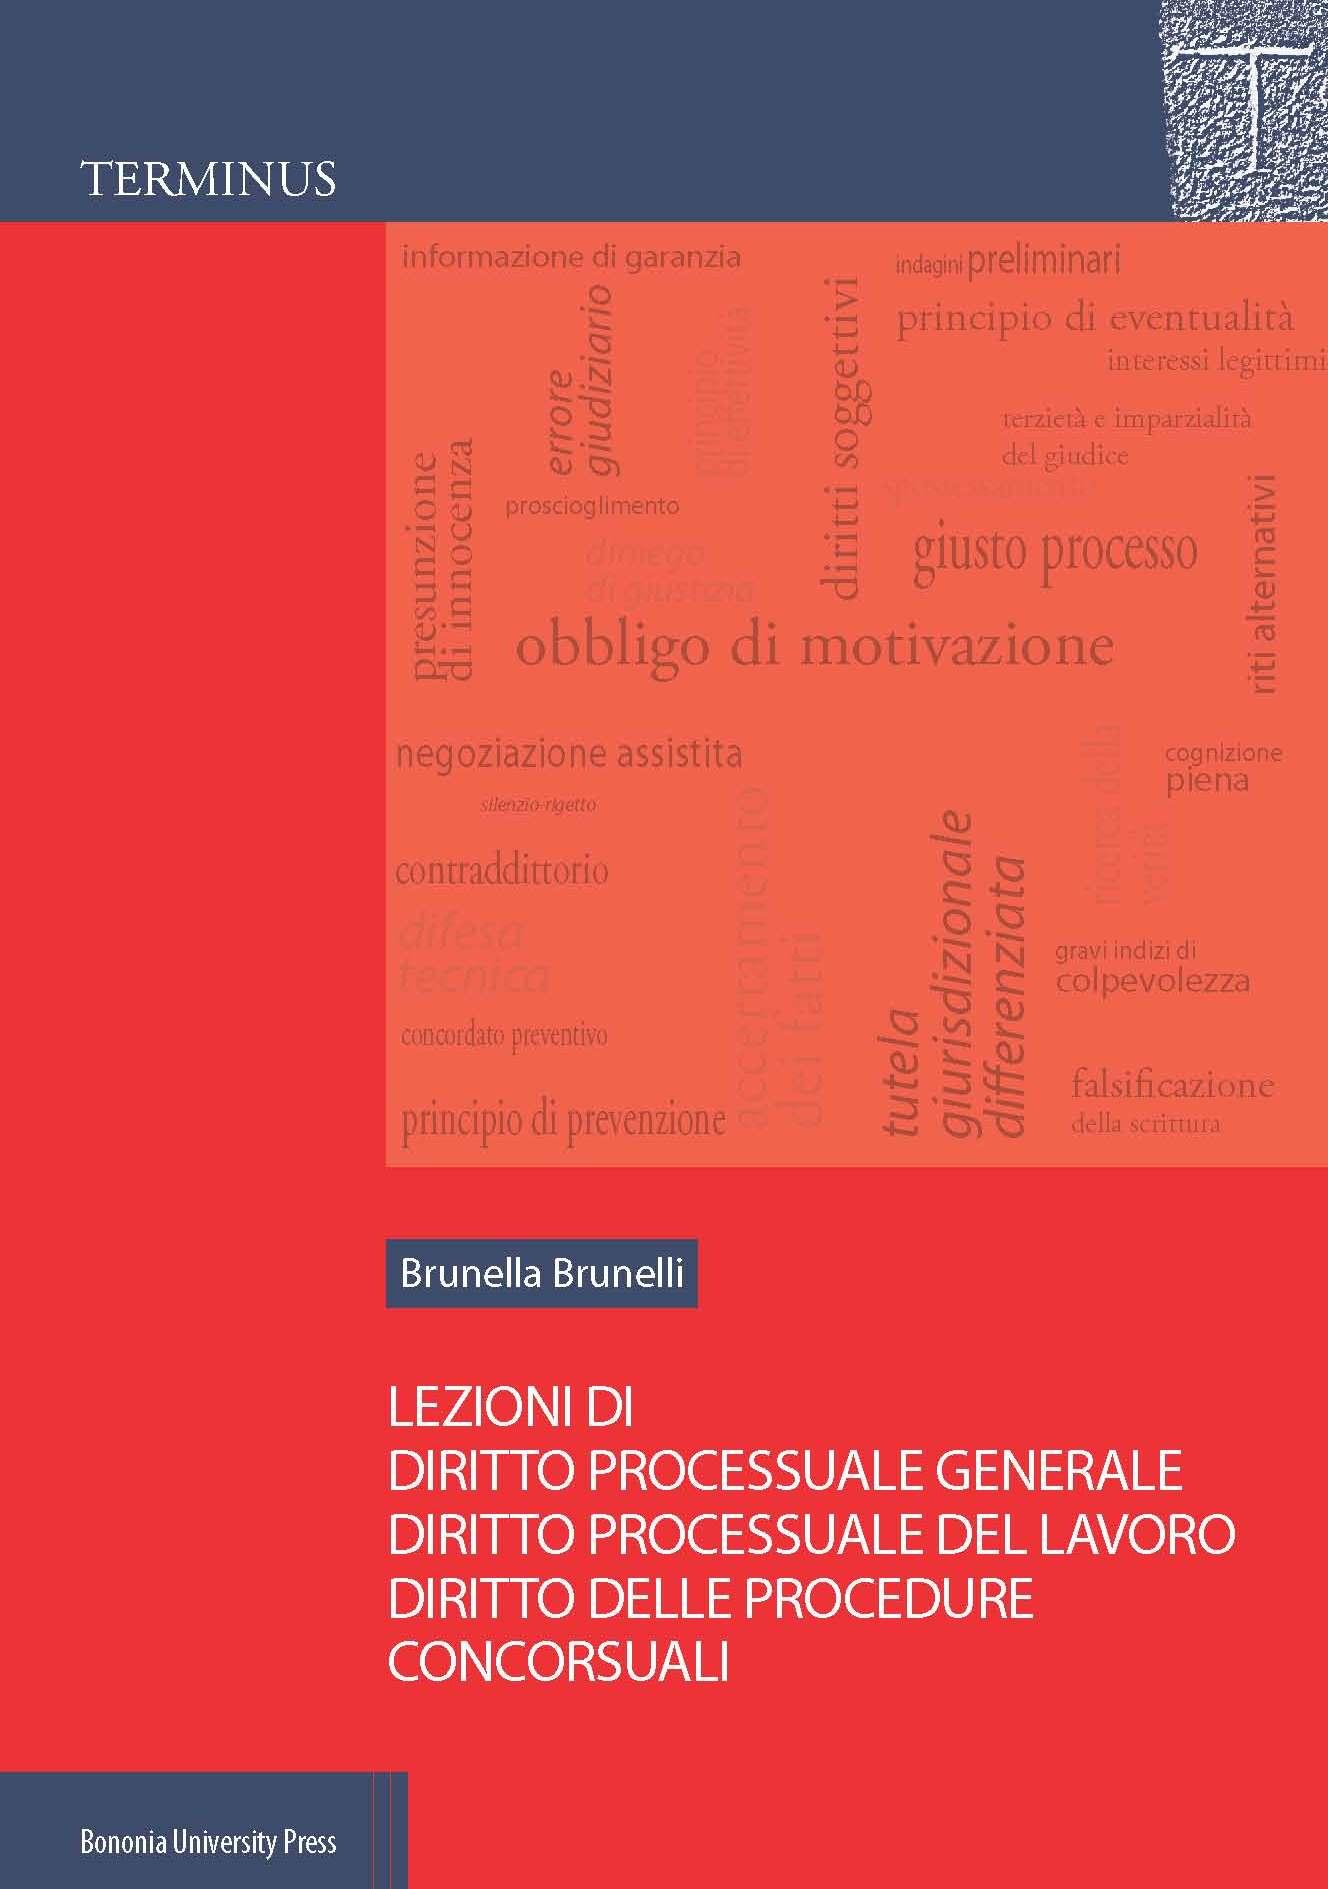 Lezioni di diritto processuale generale, diritto processuale del lavoro, diritto delle procedure concorsuali - Bononia University Press